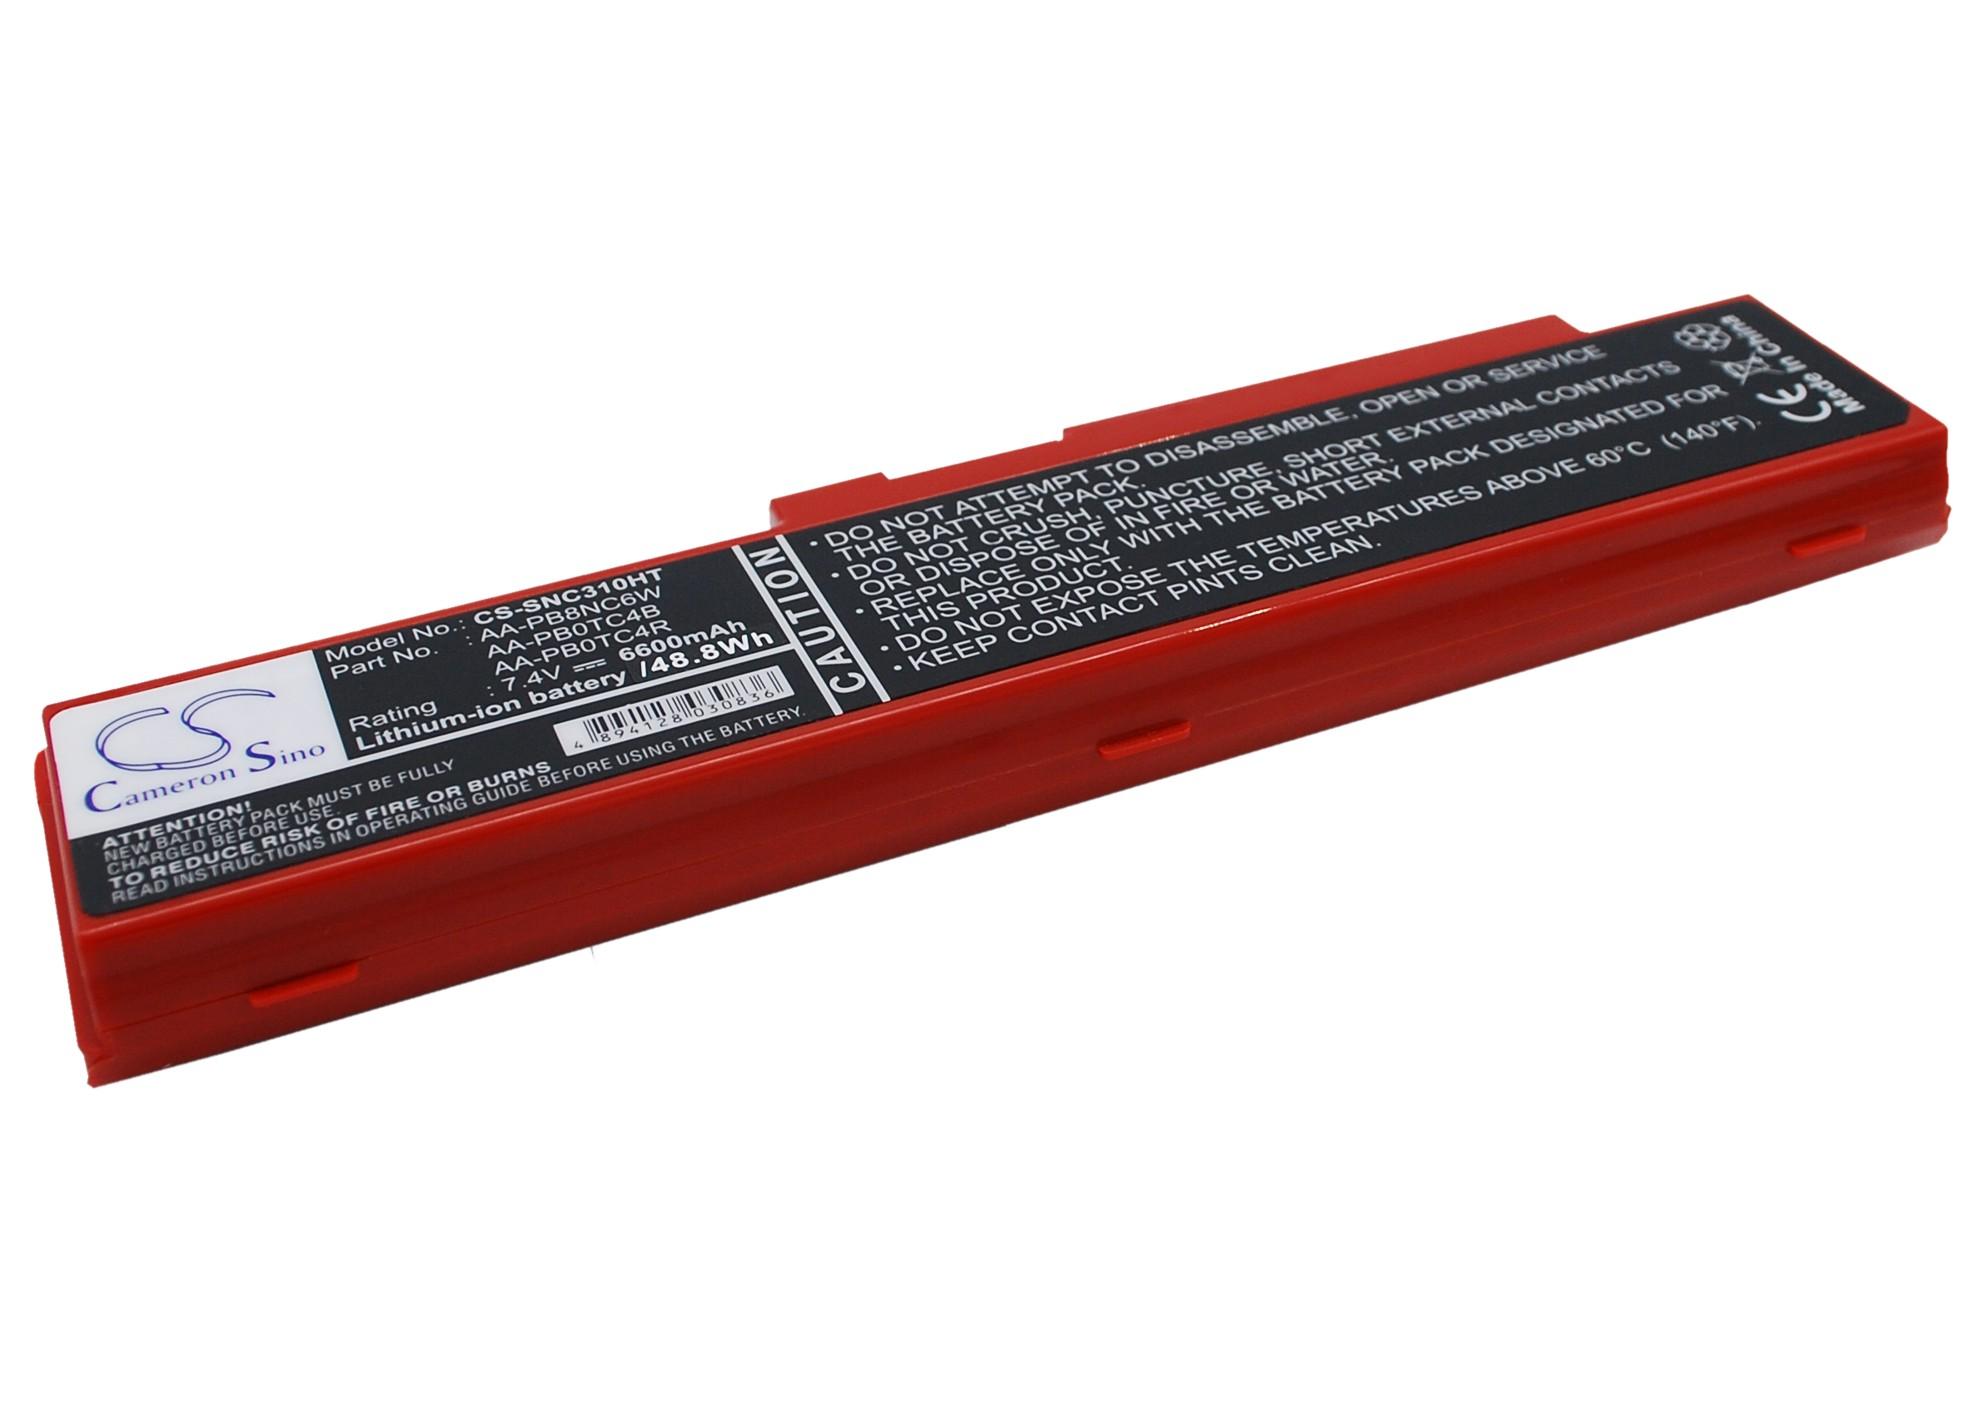 Cameron Sino baterie do netbooků pro SAMSUNG NP-X120 7.4V Li-ion 6600mAh červená - neoriginální